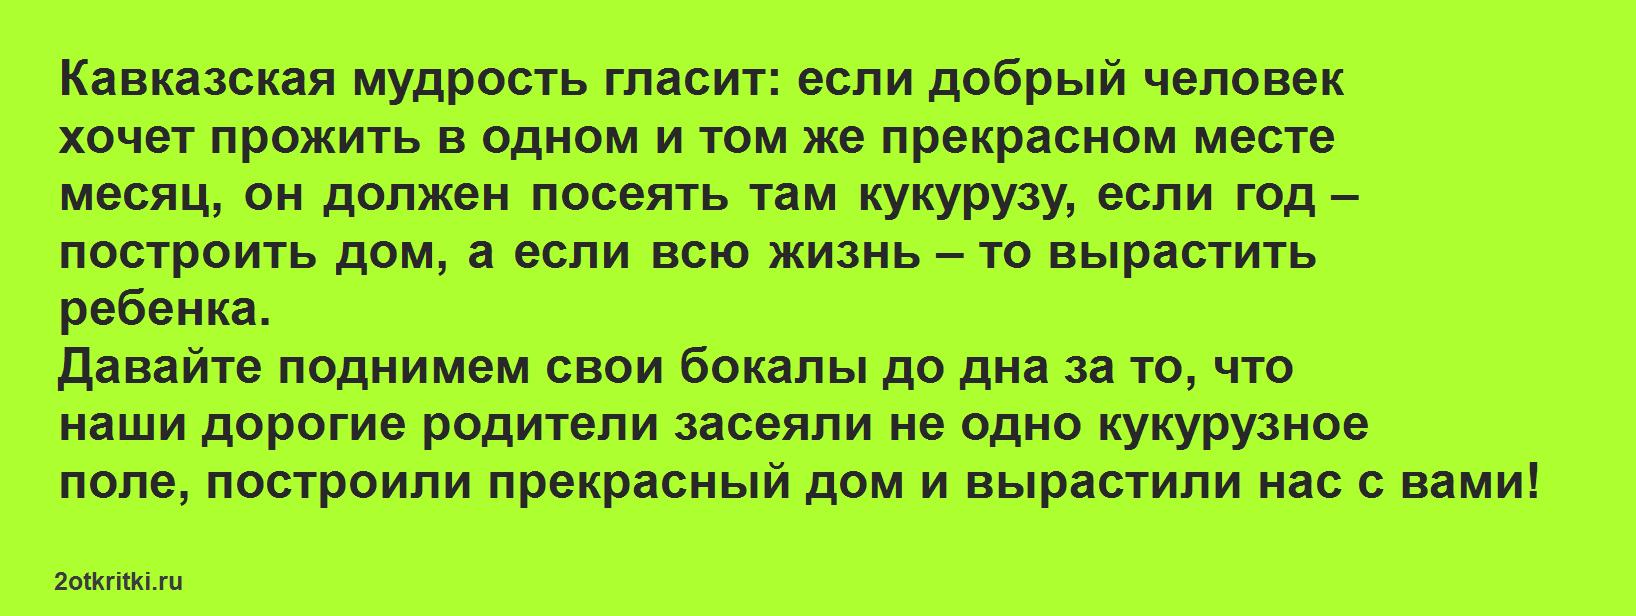 Кавказские тосты на мудрость